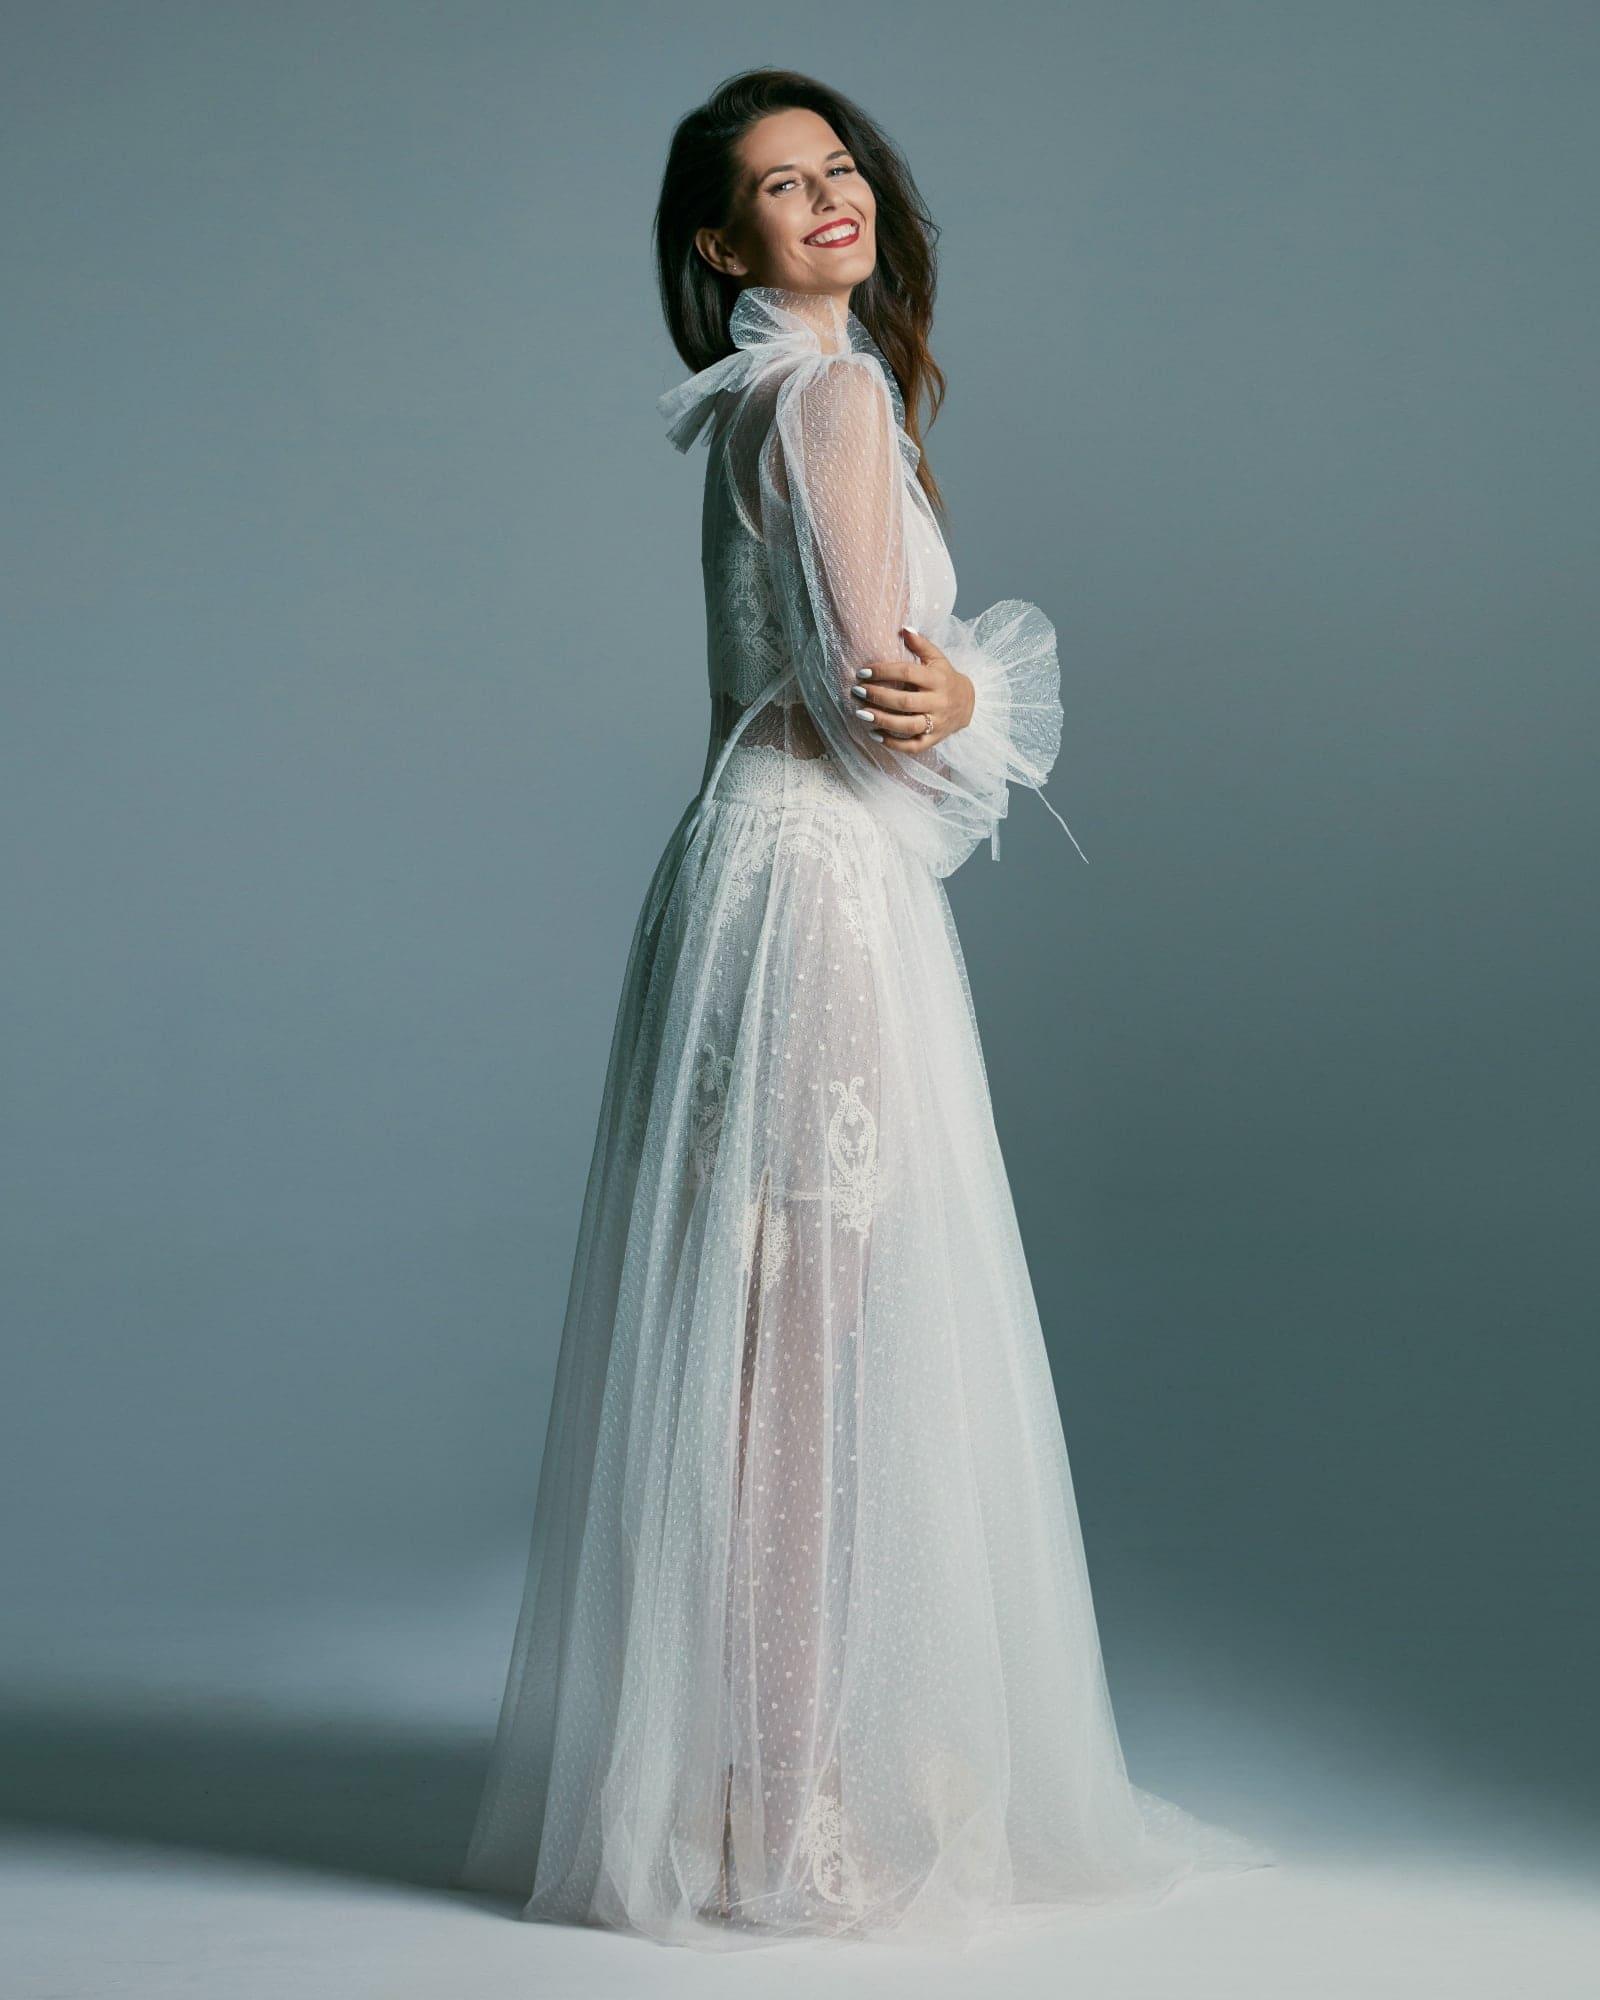 Dwuczęściowa retro suknia ślubna z delikatnym tiulem